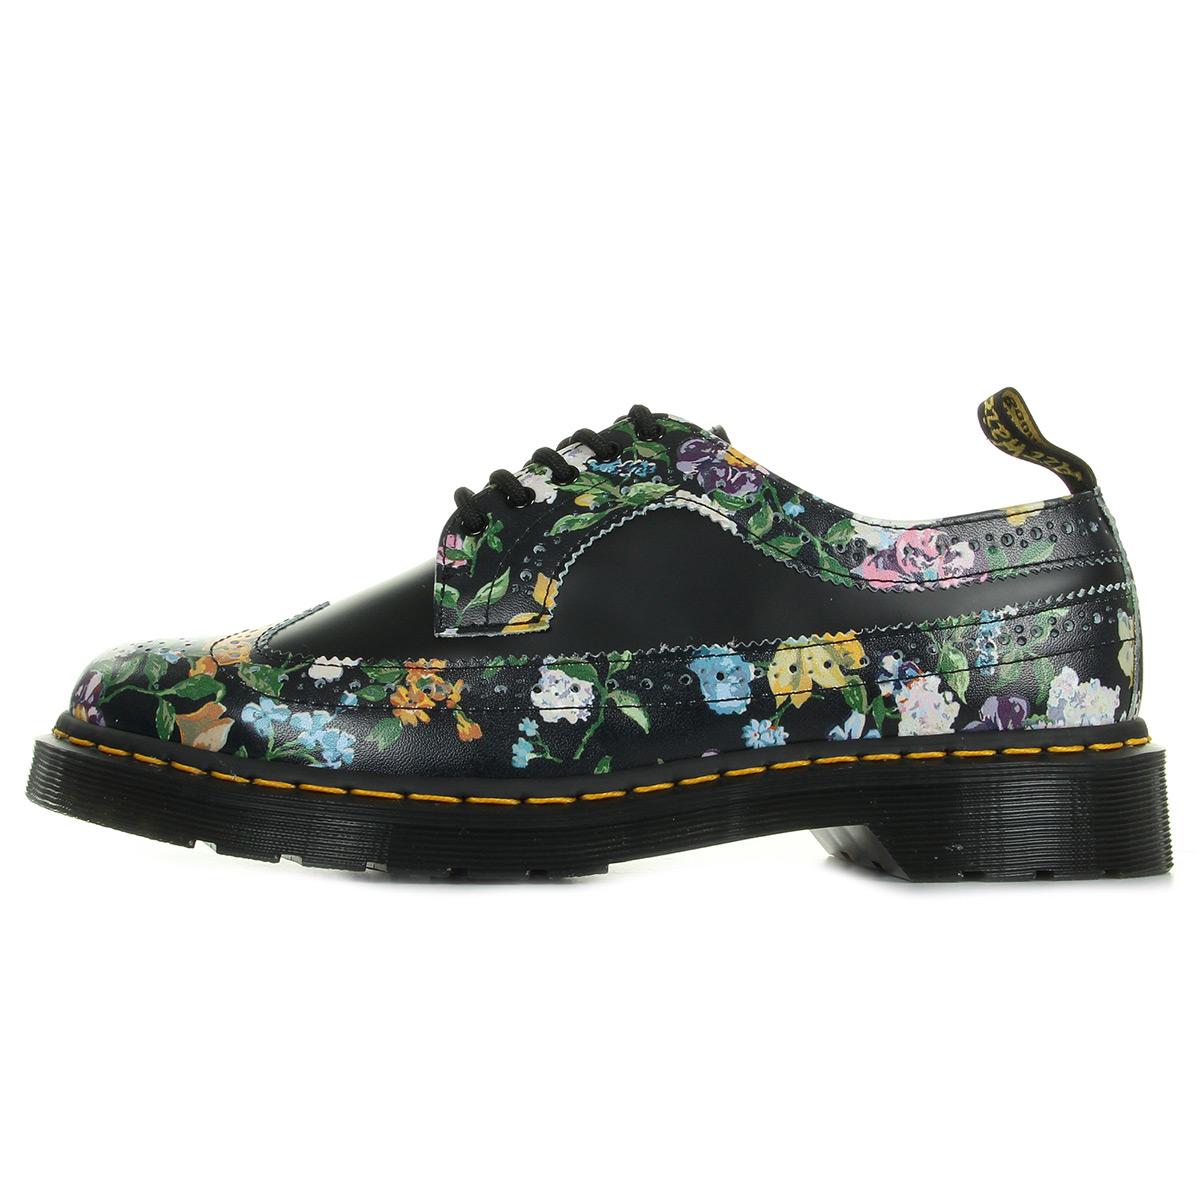 Dr. Martens Wingtip Shoe Black Darcy Floral 22729001, Ville femme